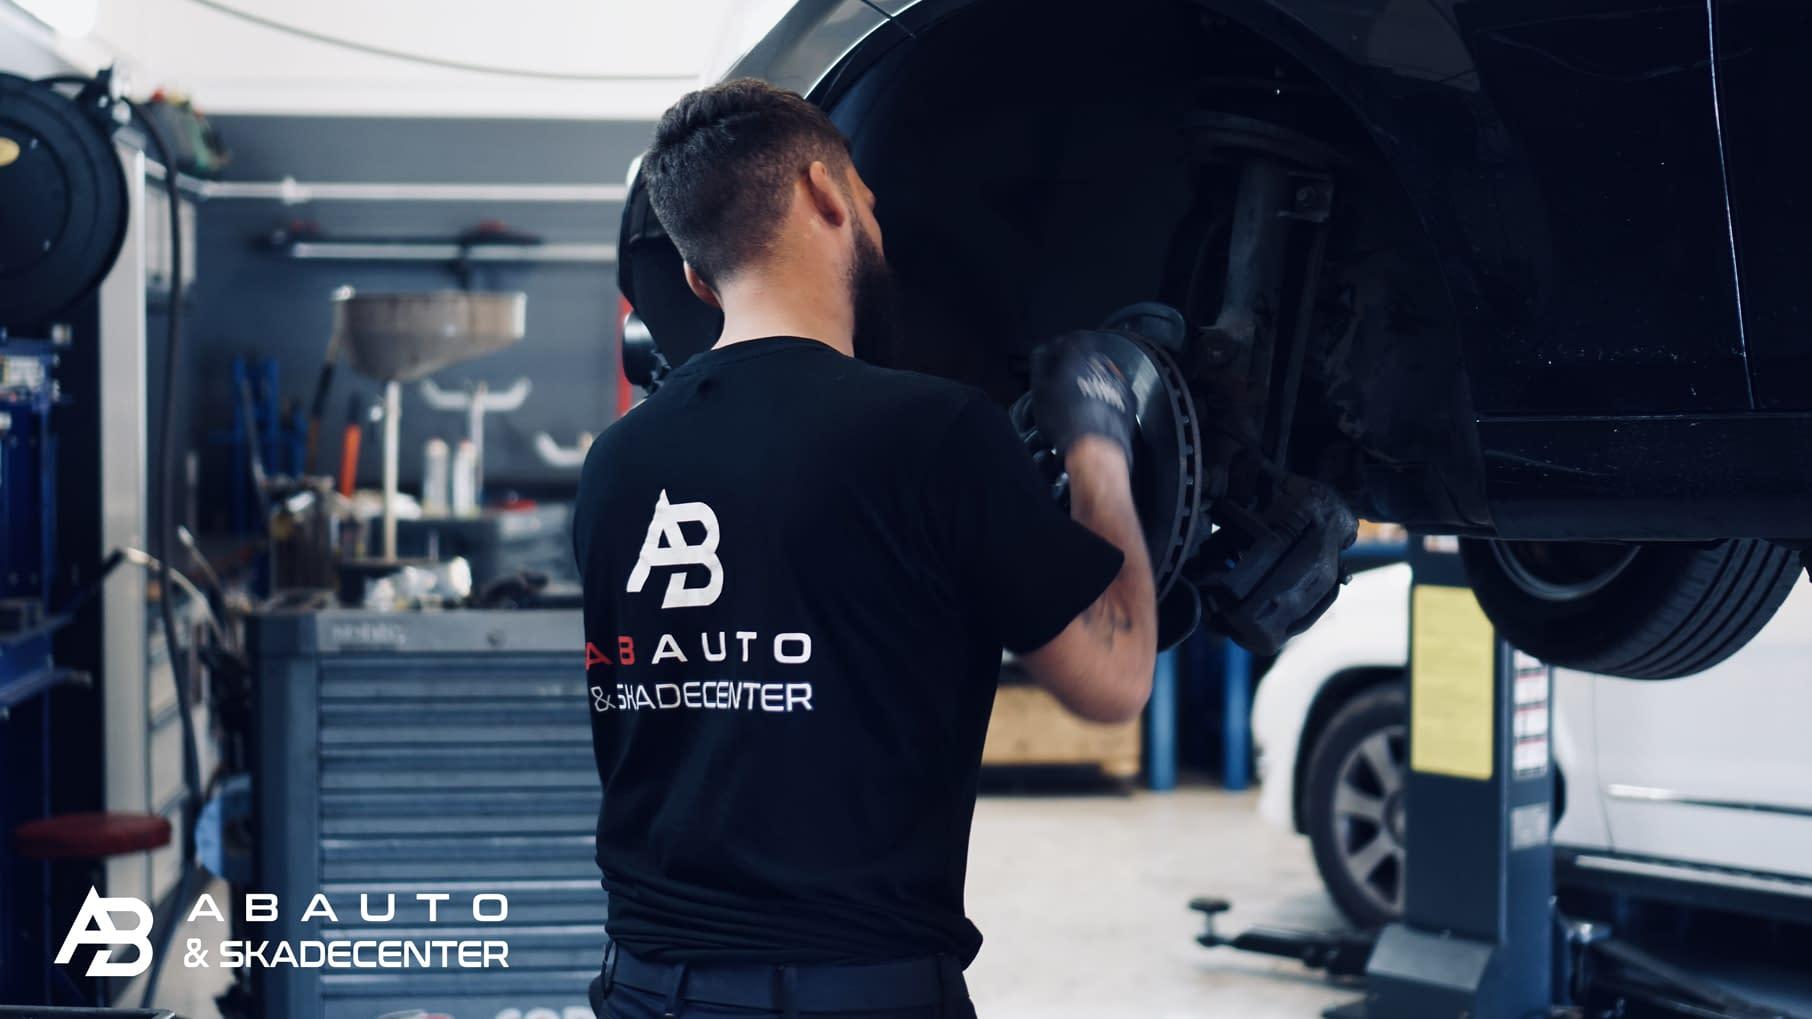 Faglærte mekanikere, professionelt autoværksted, autoværksted i Sydhavn, autocenter, skadecenter, biler, mekanik